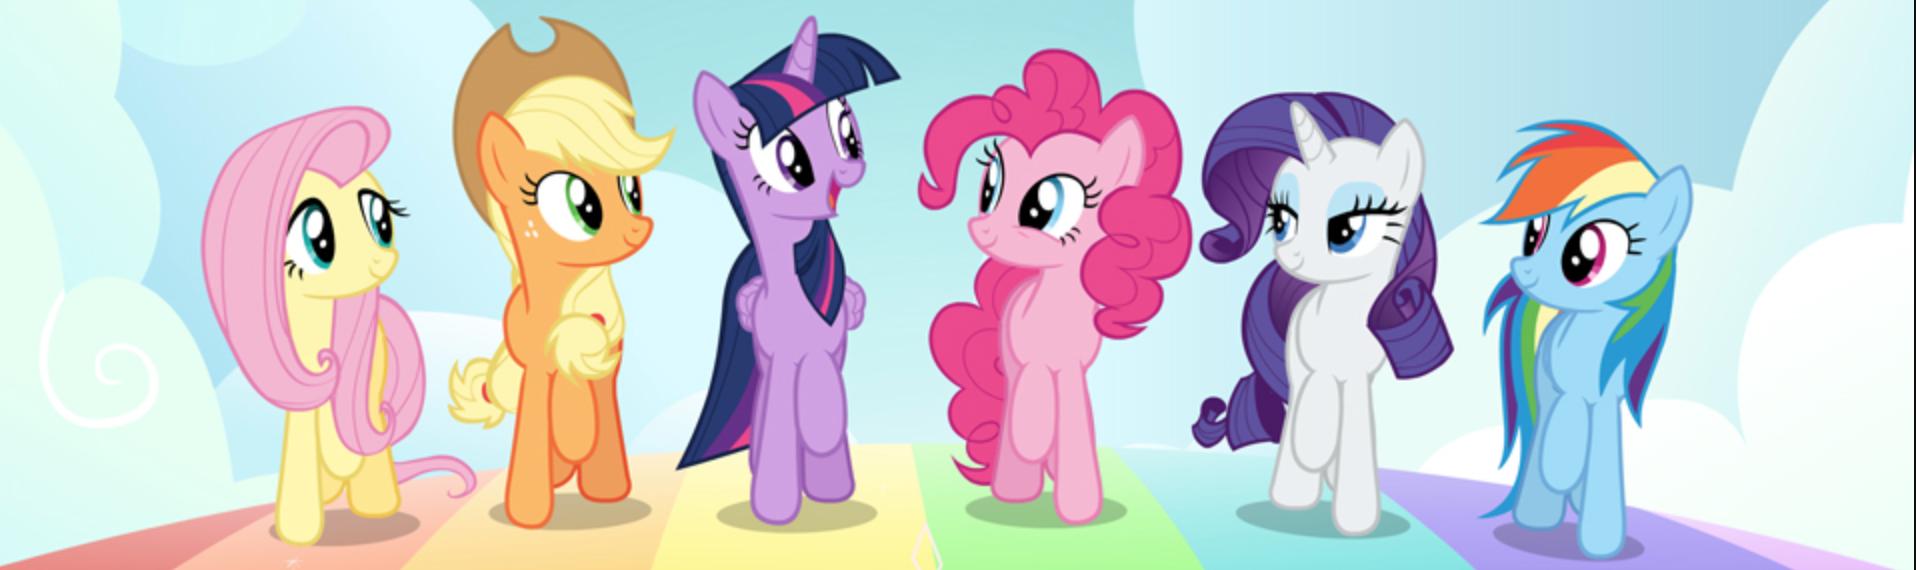 pony picture